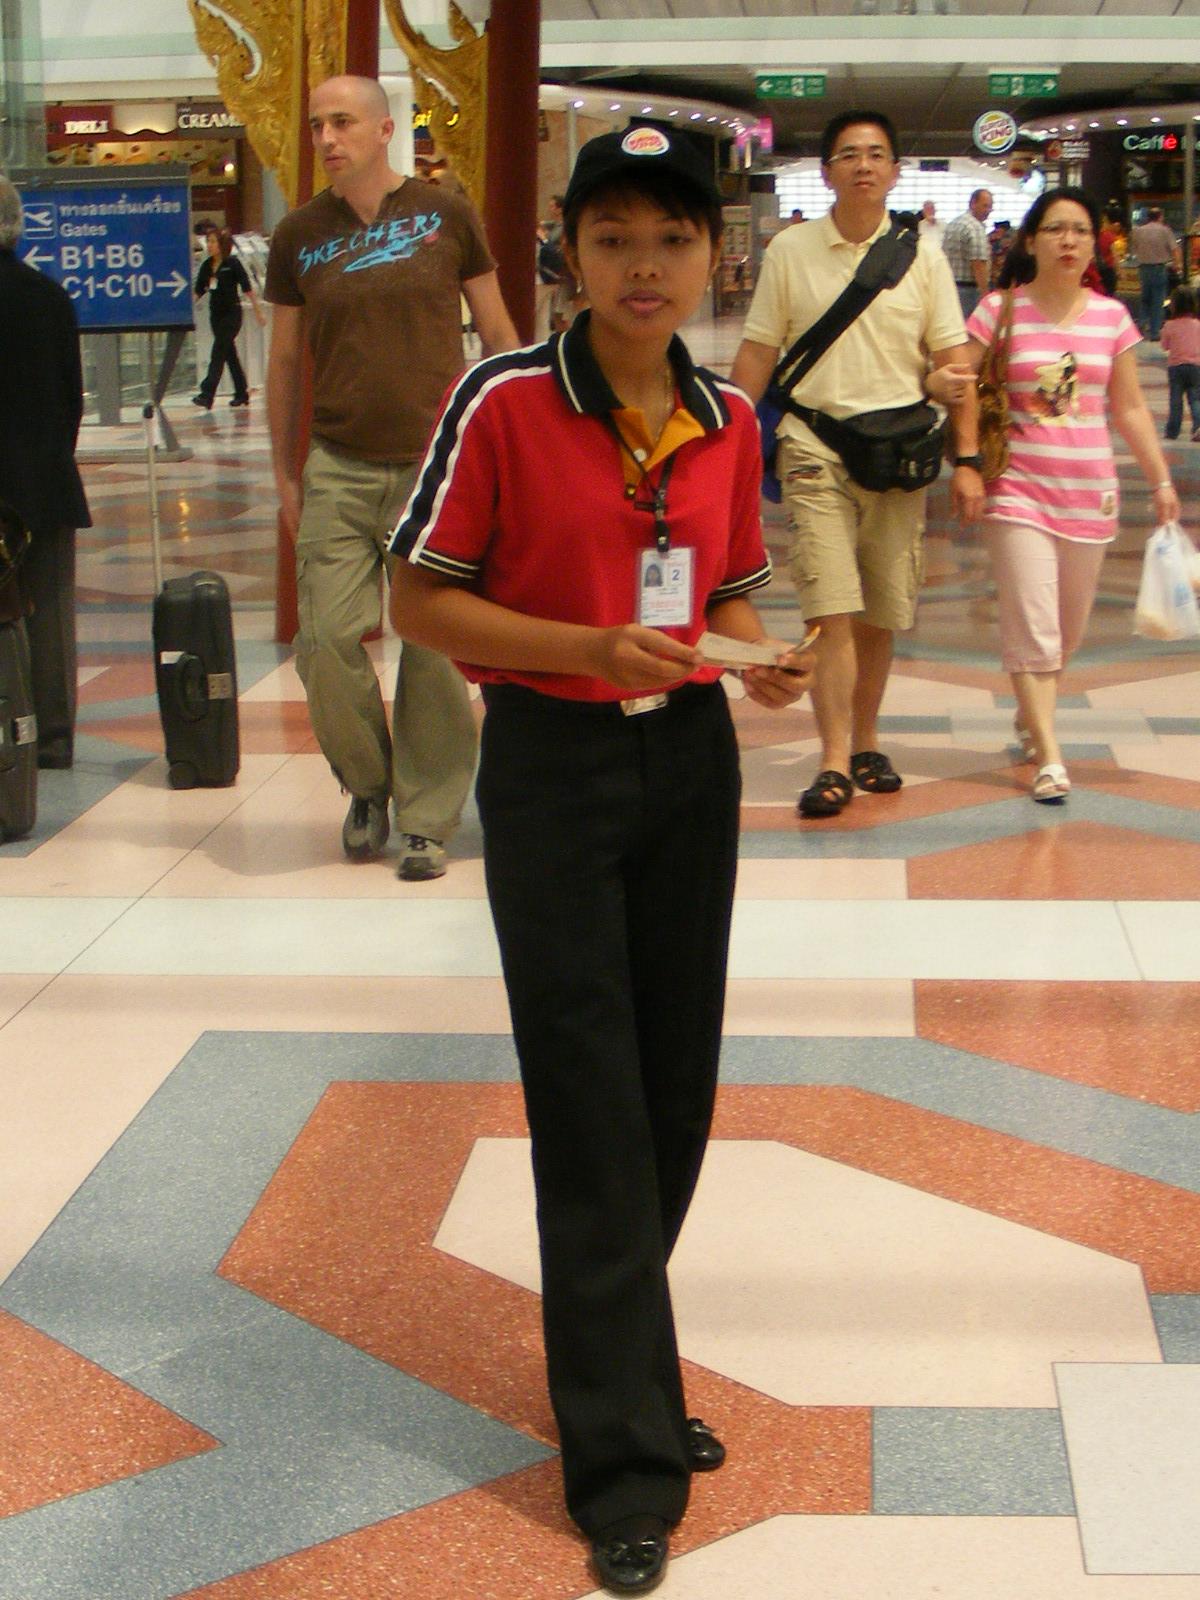 Female_Burger_King_employee_Suvarnabhumi_Airport_Thailand